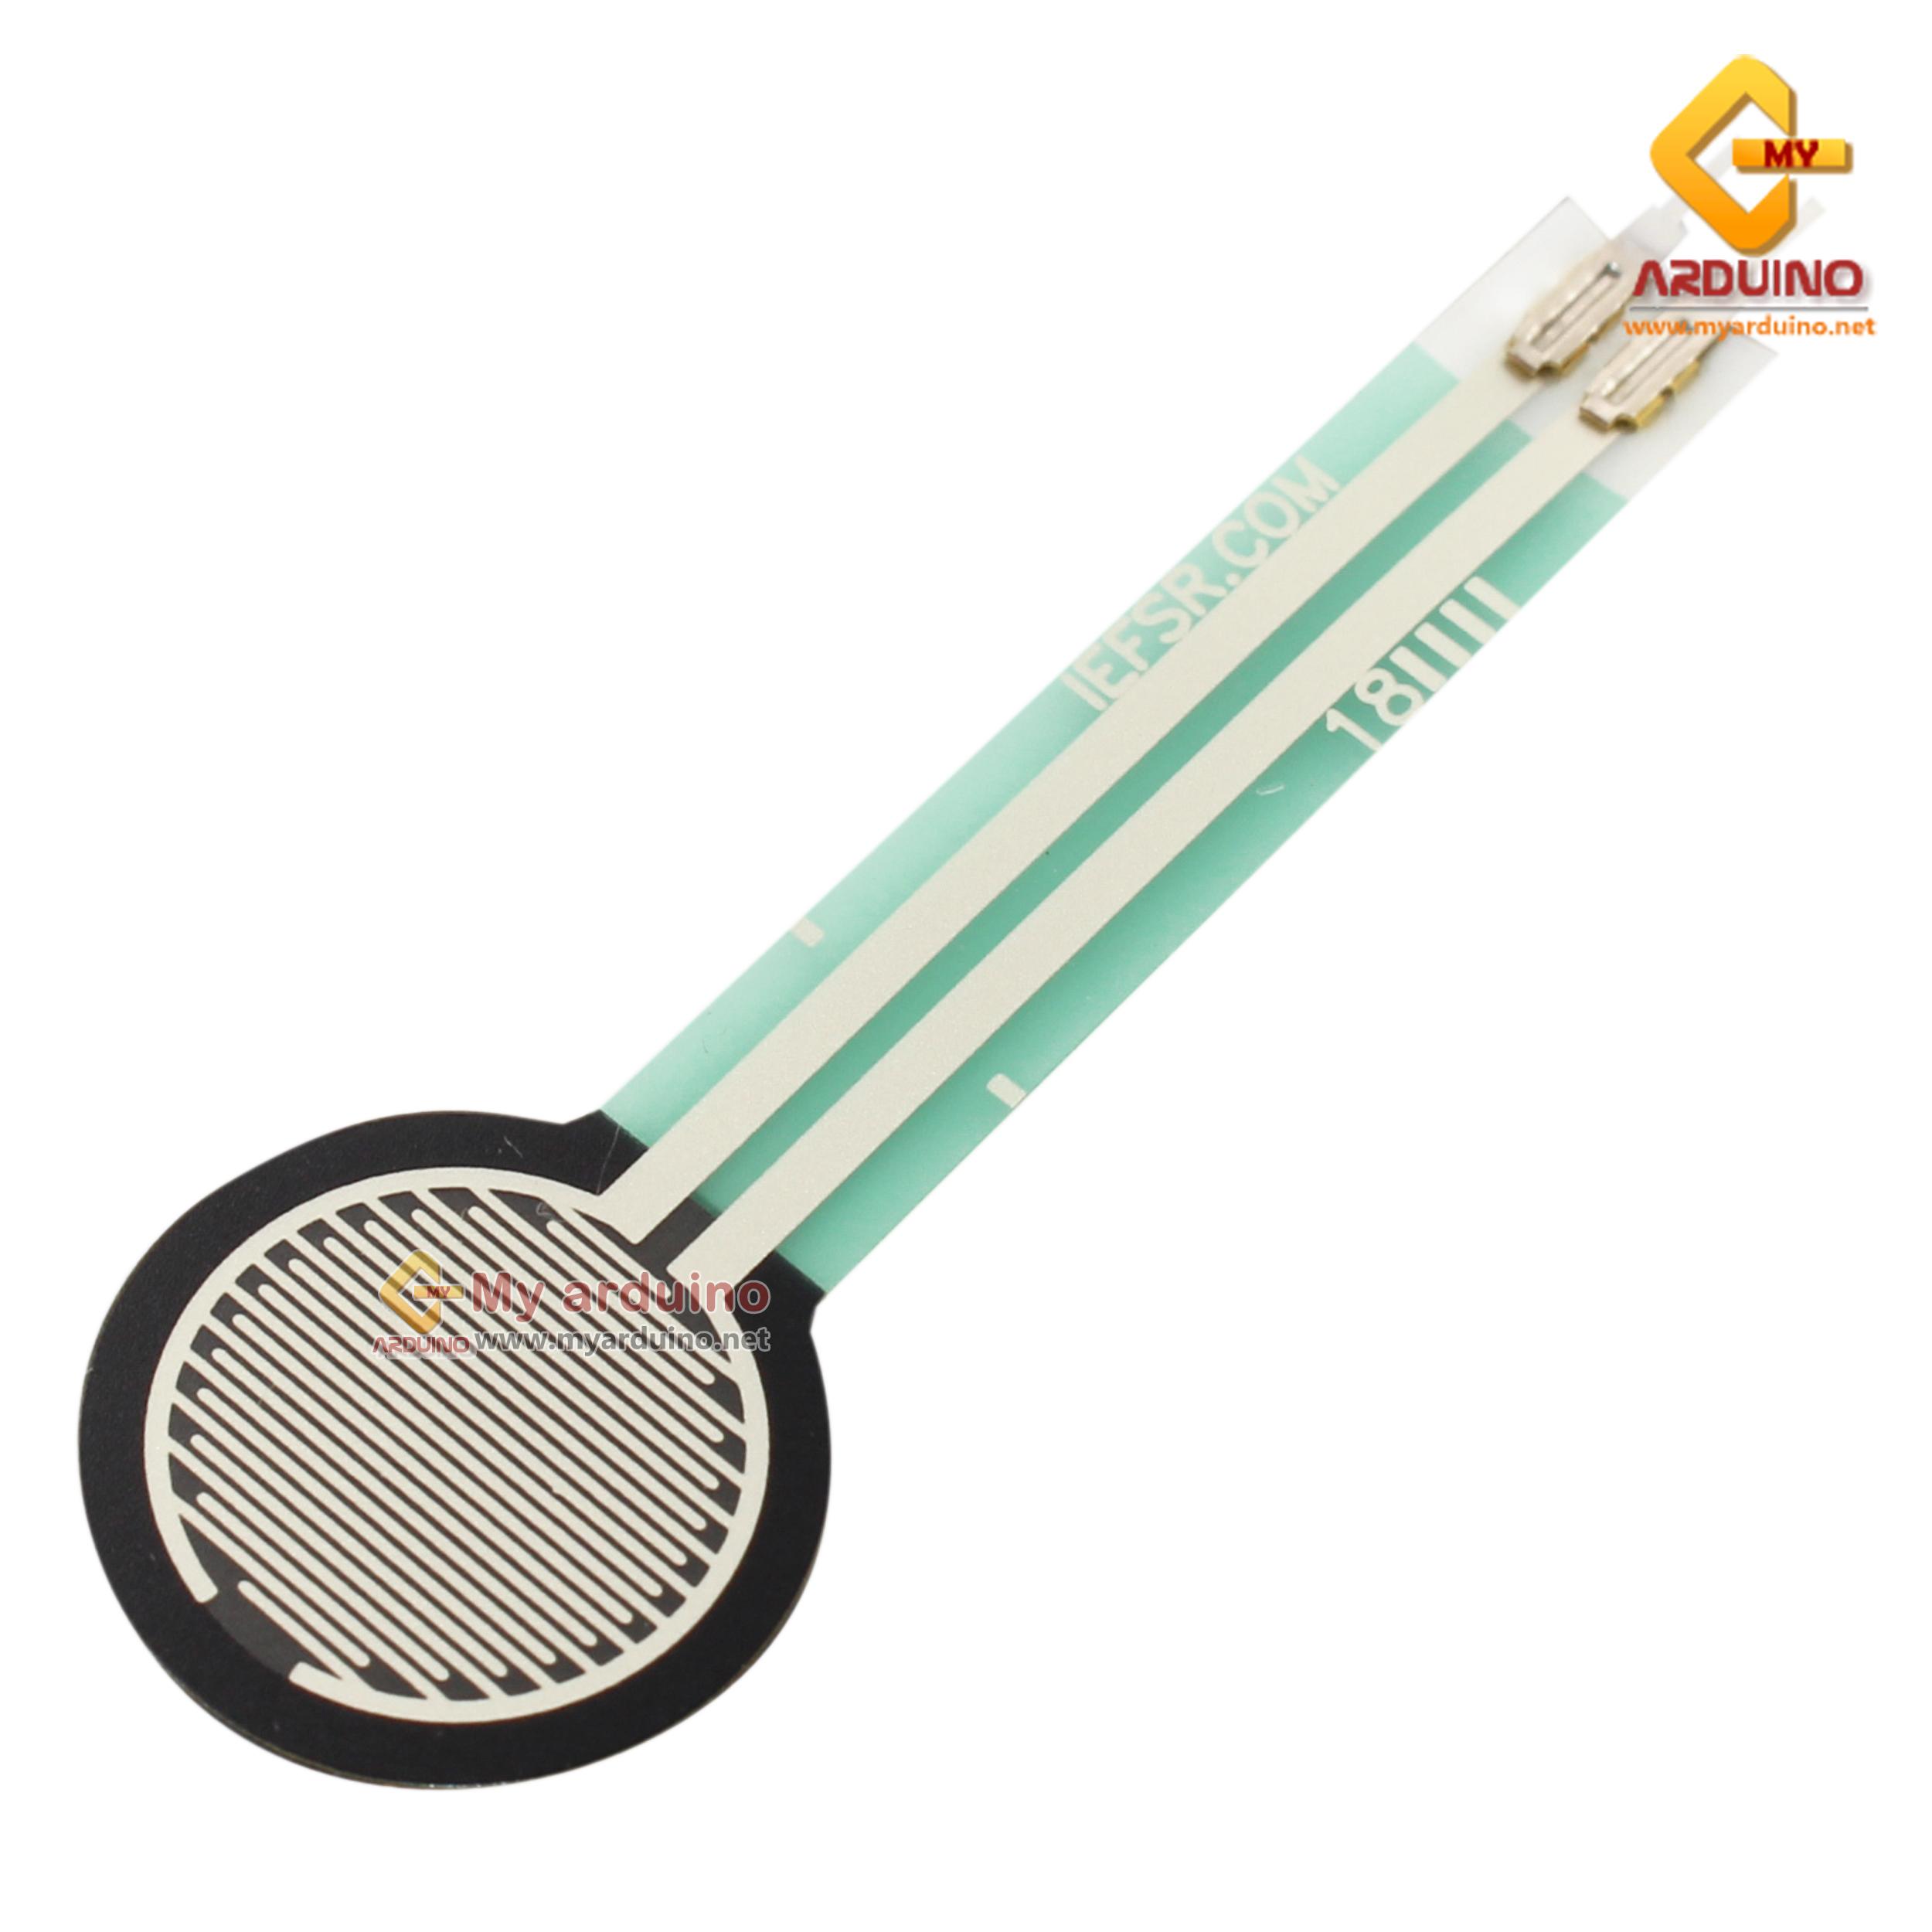 เซ็นเซอร์รับแรงกด FSR402 Force Sensitive Resistor 0g - 10kg